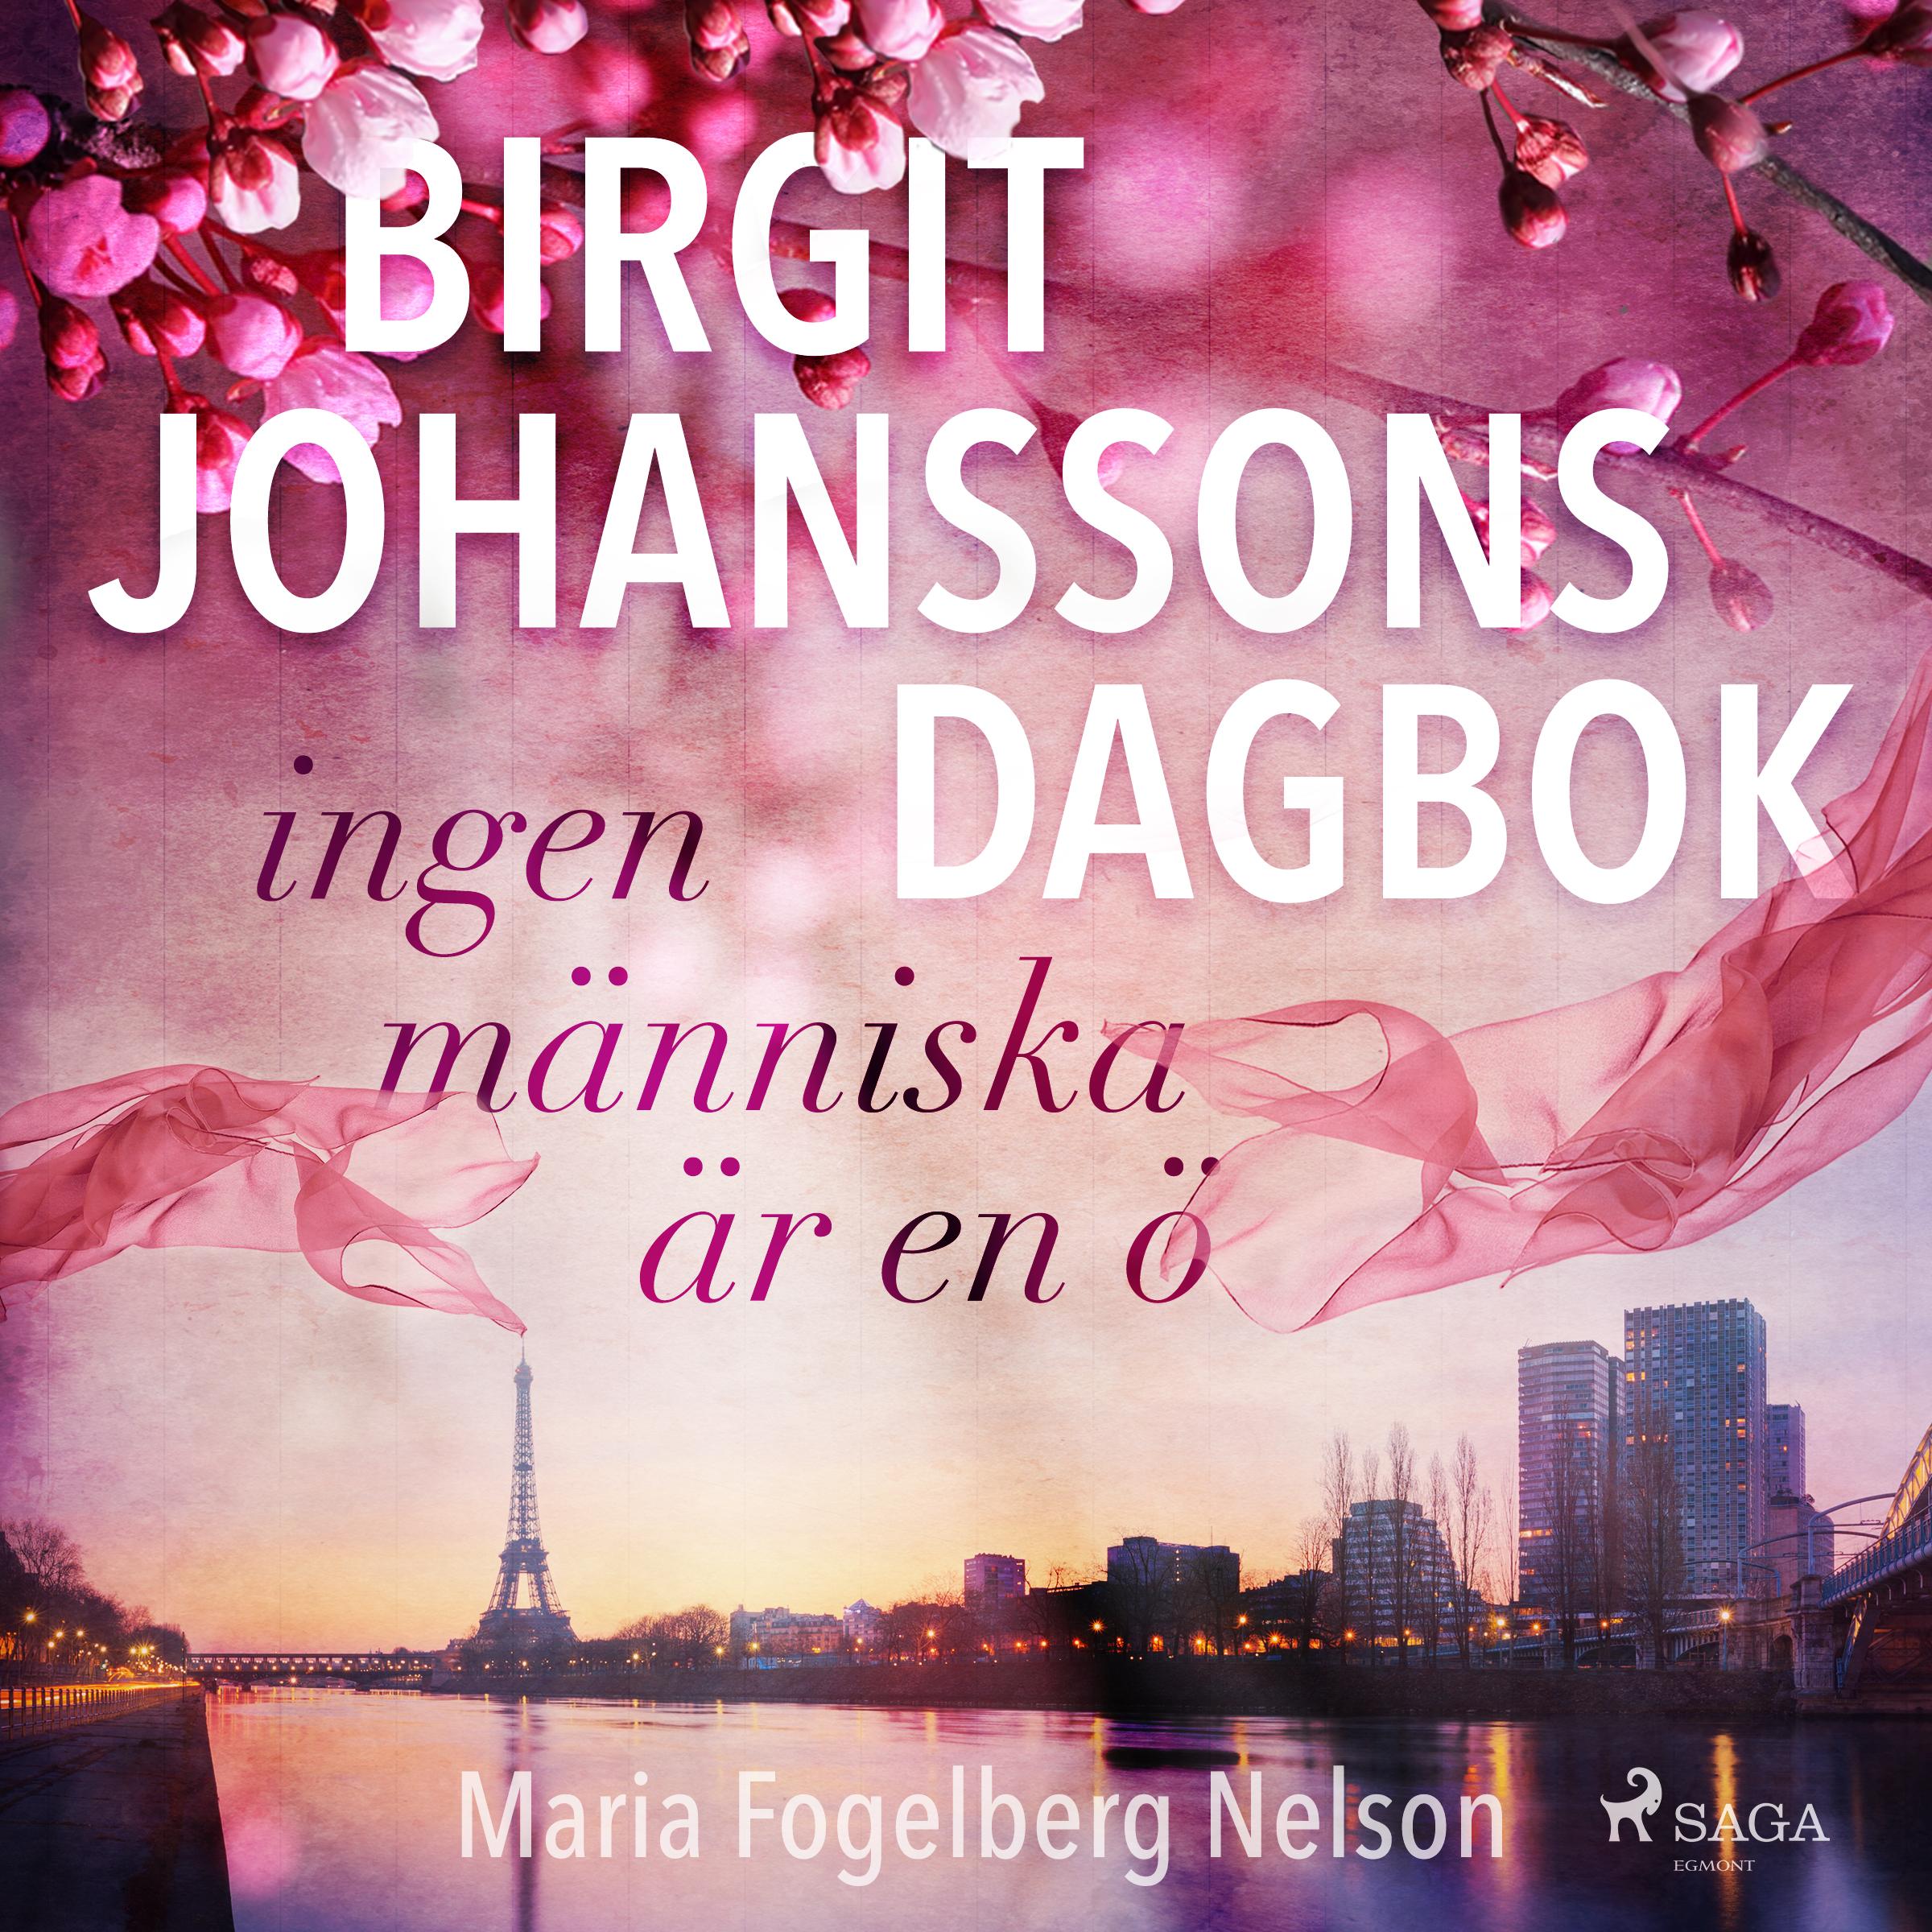 Birgit Johanssons dagbok - ingen människa är en ö - E-lydbog